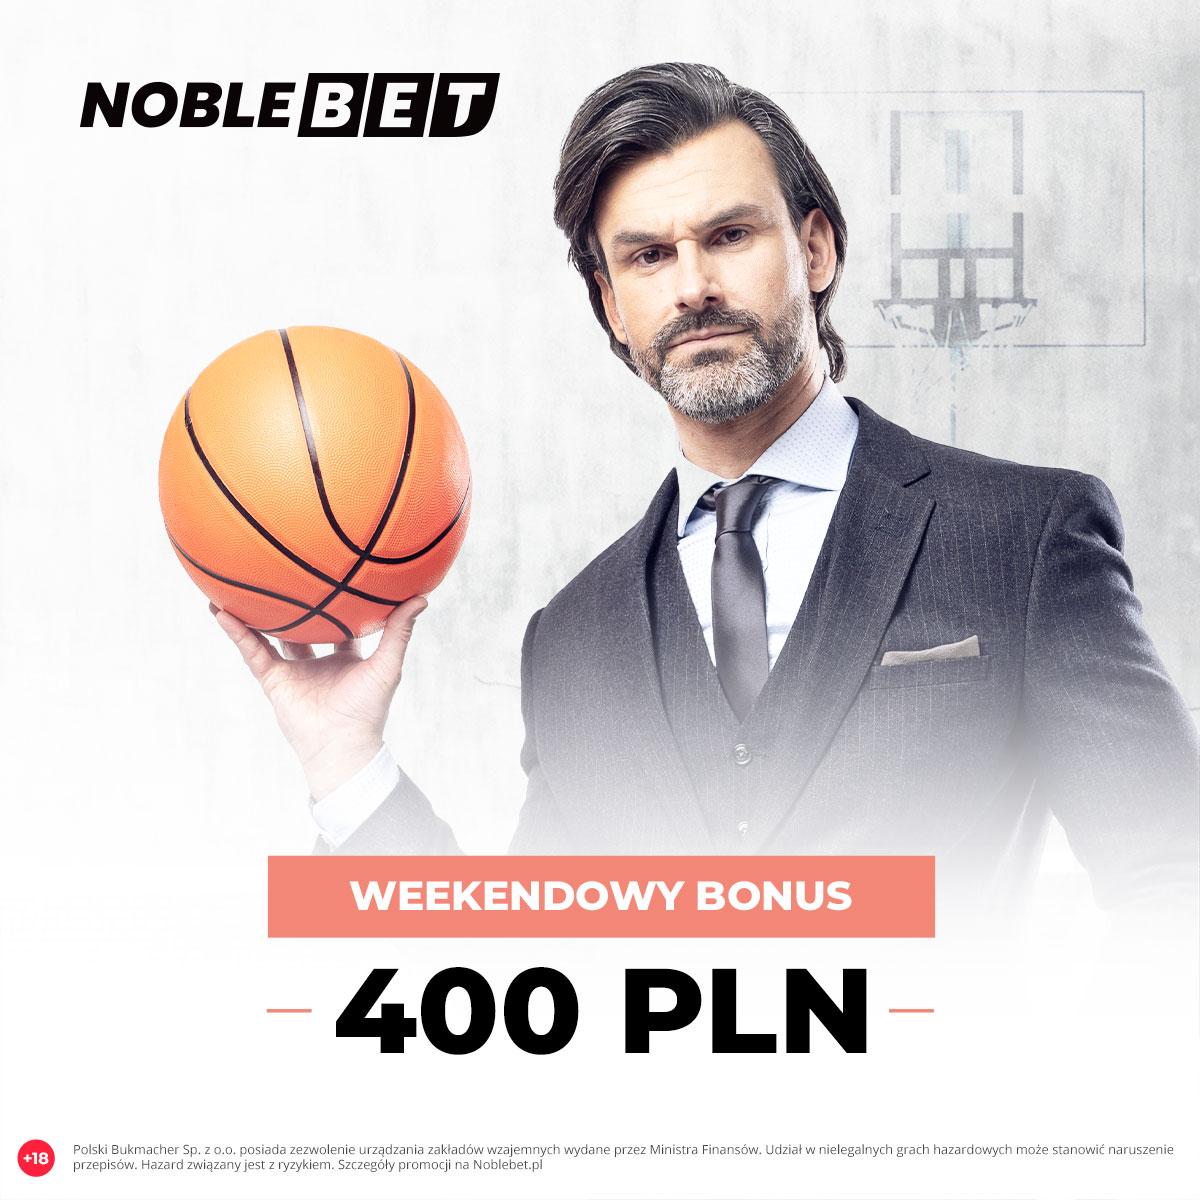 Noblebet – weekendowy bonus 400 PLN